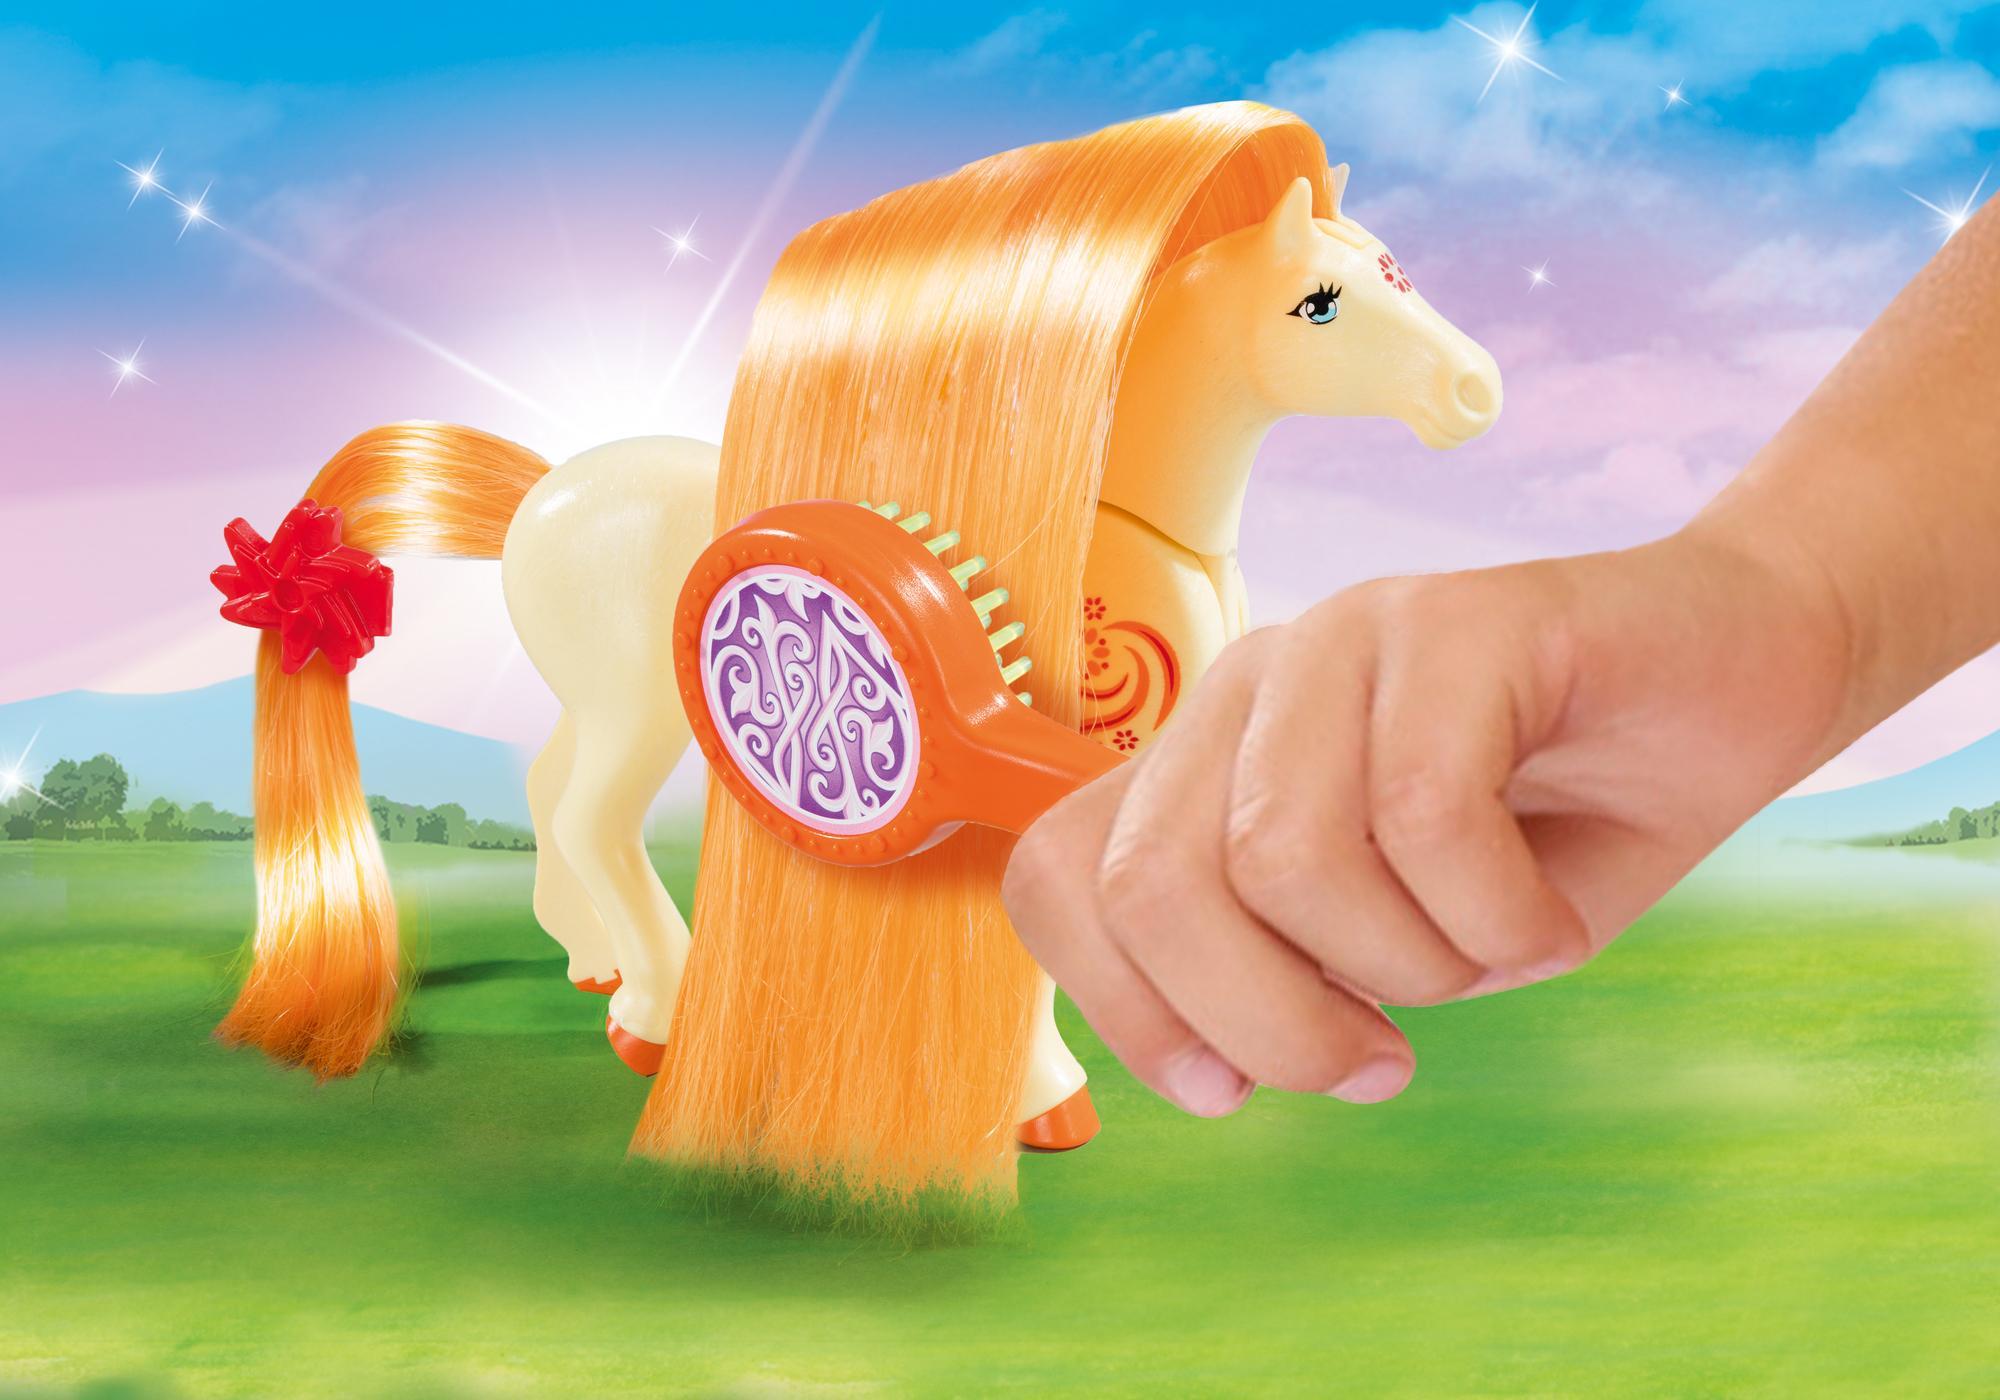 http://media.playmobil.com/i/playmobil/5656_product_extra1/Maleta grande Princesa com Cavalo